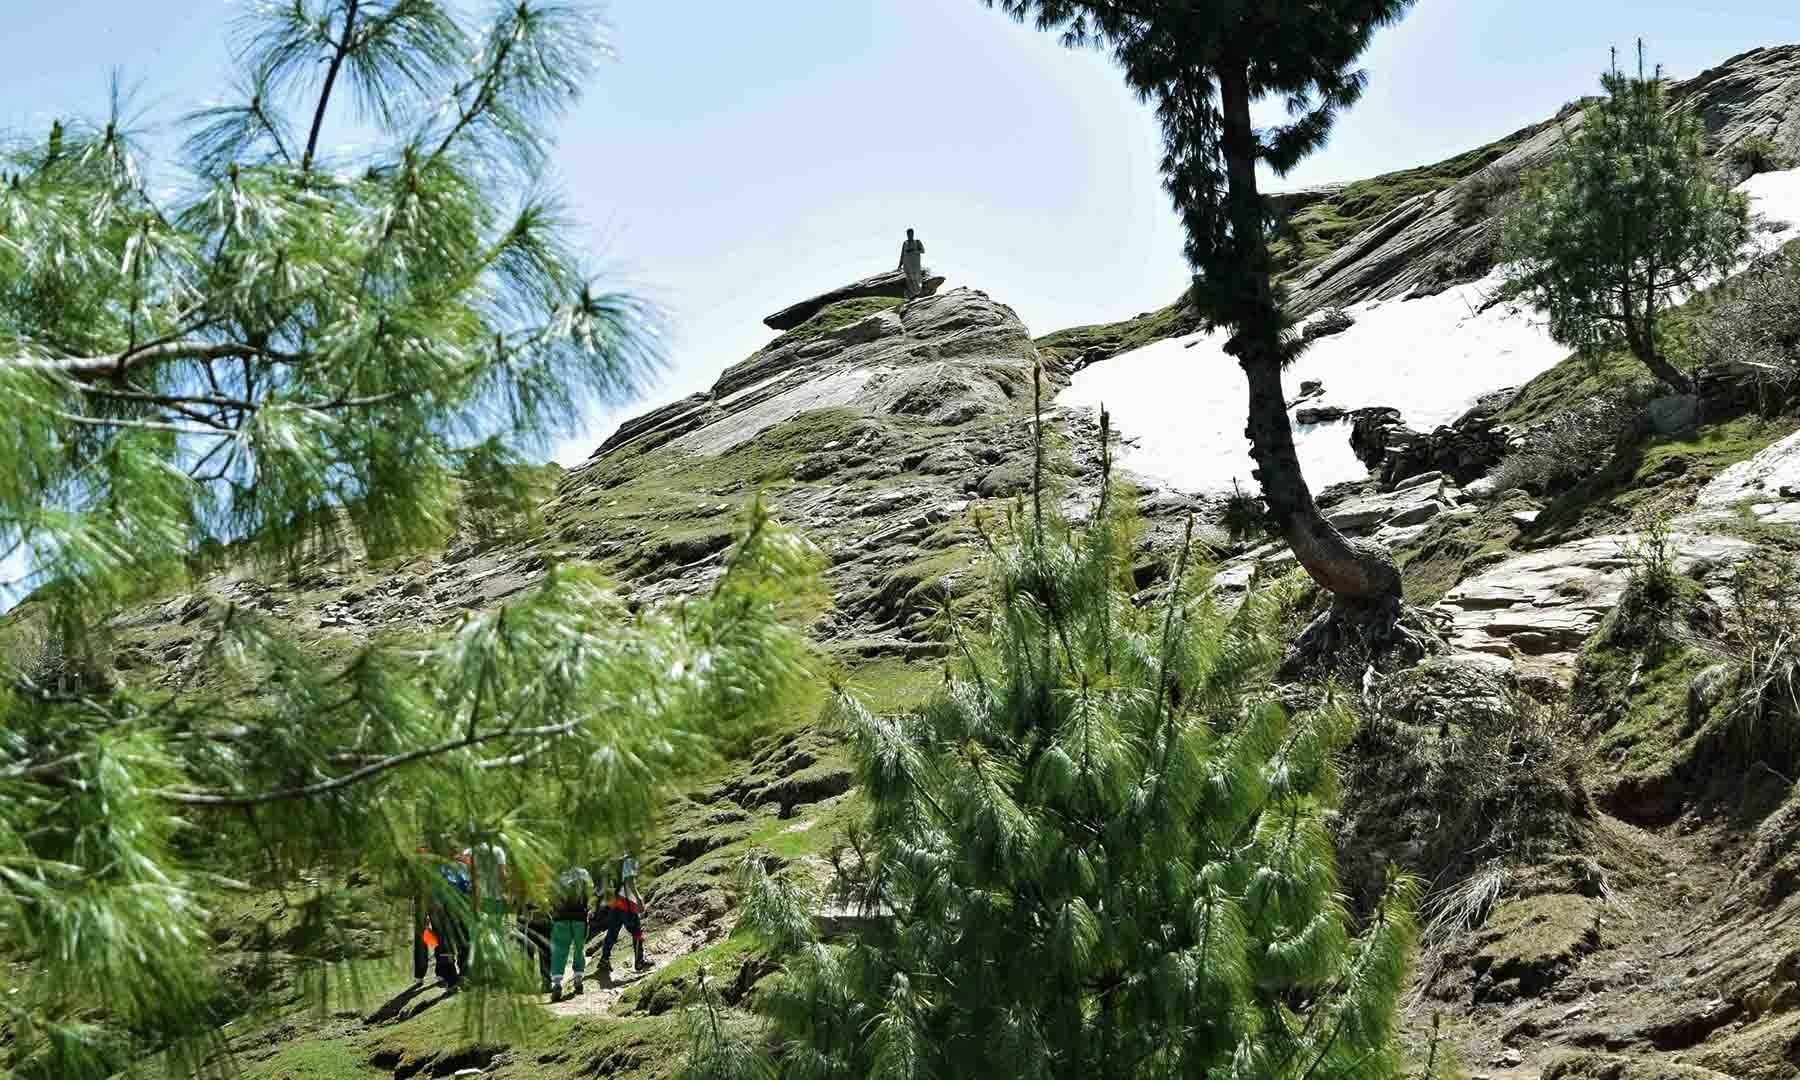 سرے شاہ سر جھیل شروع ہوا چاہتی ہے— تصویر امجد علی سحاب